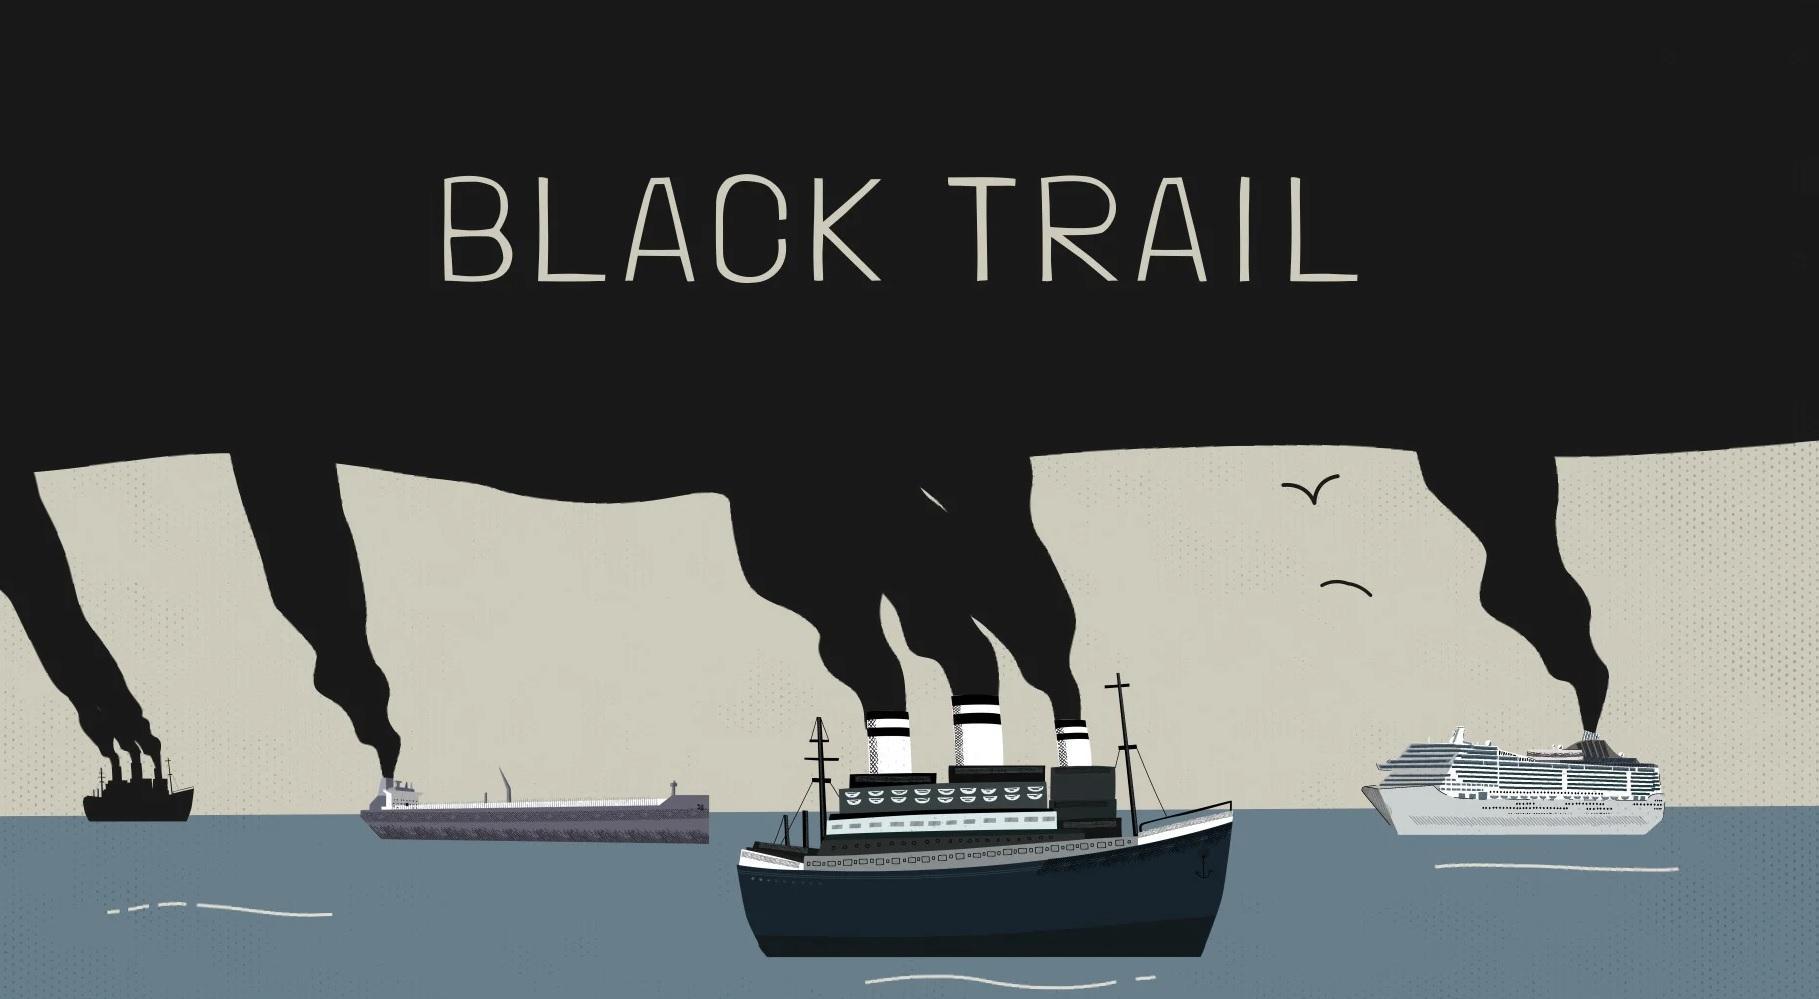 Crítico documental sobre la contaminación ambiental de la industria marítima